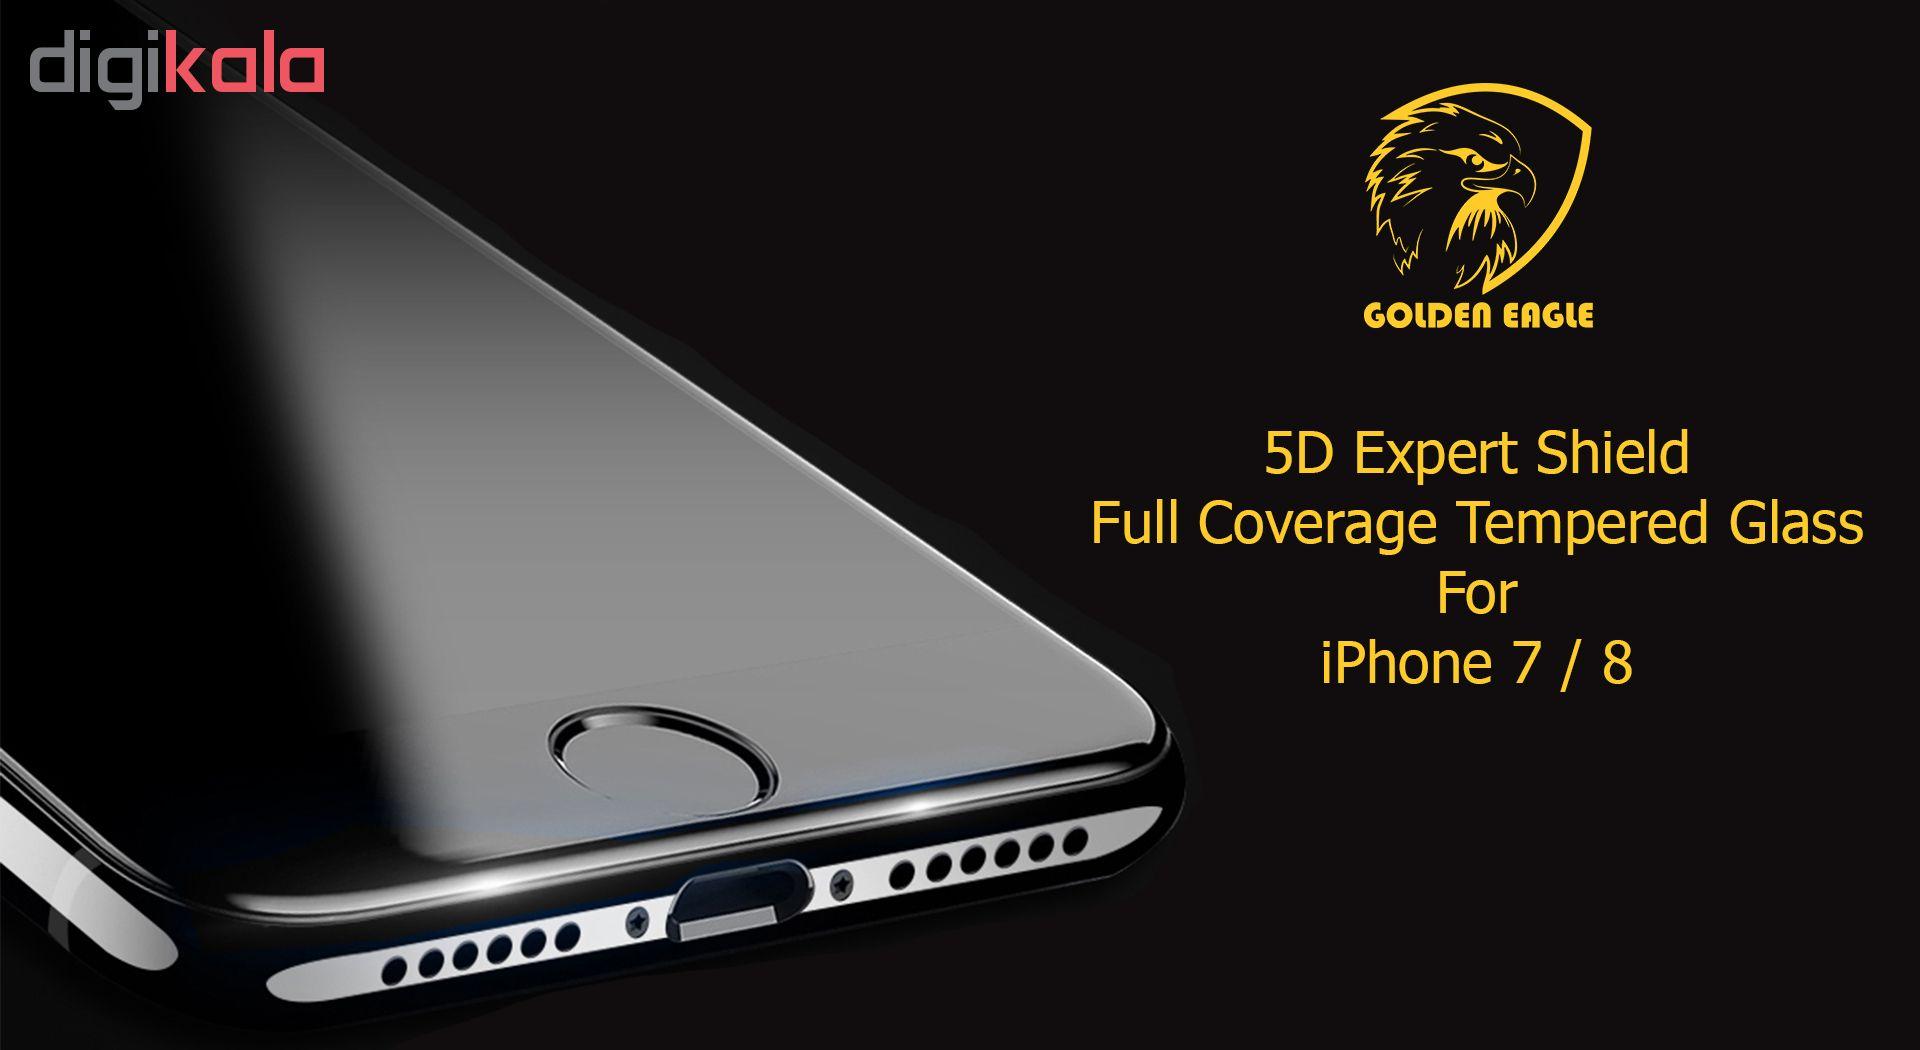 محافظ صفحه نمایش گلدن ایگل مدل 5D Expert Shield مناسب برای گوشی اپل آیفون  7/8 main 1 2